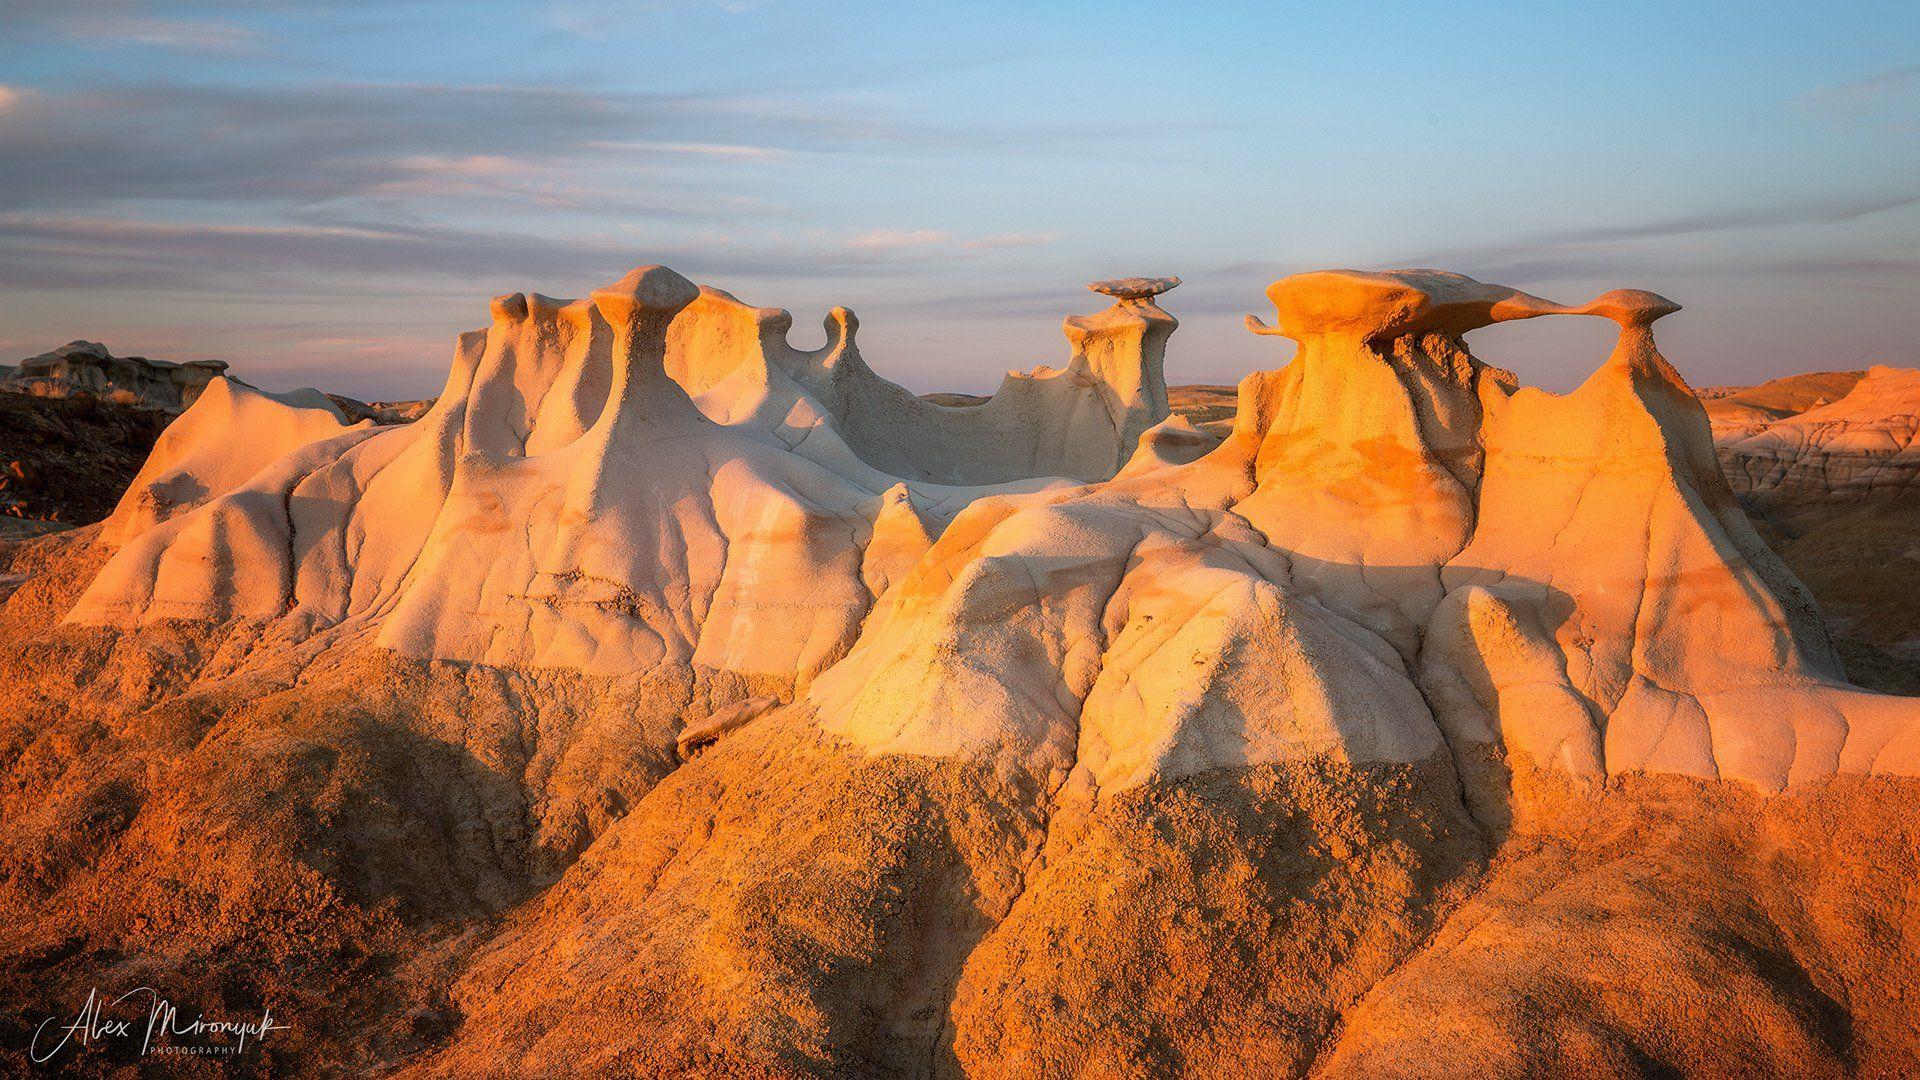 сша, пустыня, бэдлендс, глиняная, панорама, скалы, грибы, каменные, Alex Mironyuk